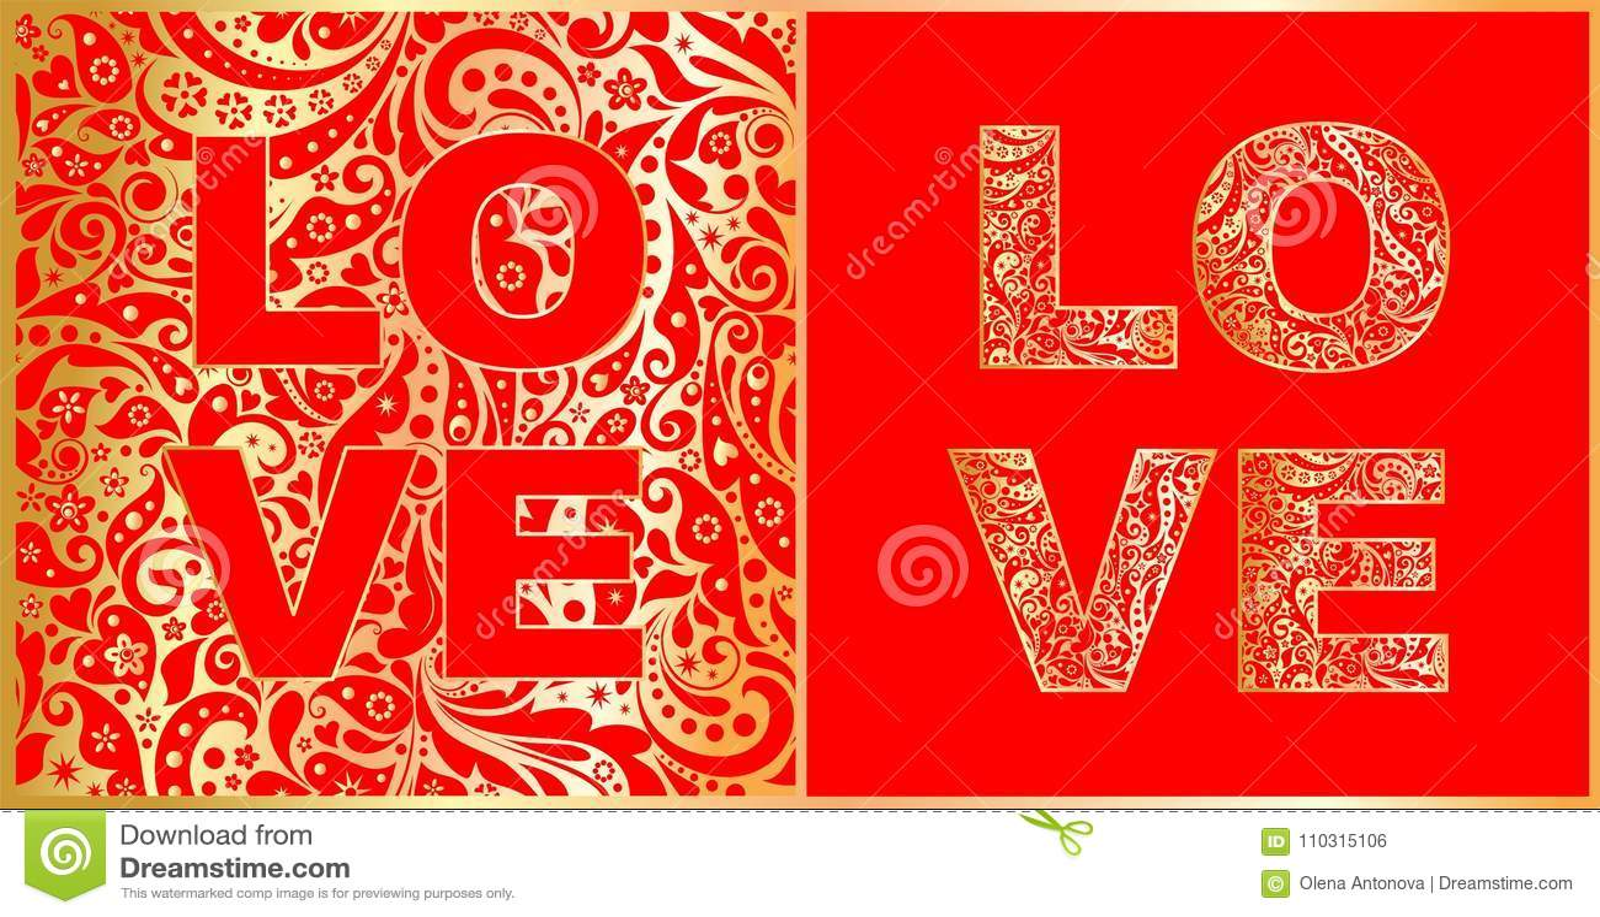 Εγγραφή αγάπης με το αφηρημένο floral κόκκινο και χρυσό σχέδιο παραλλαγή